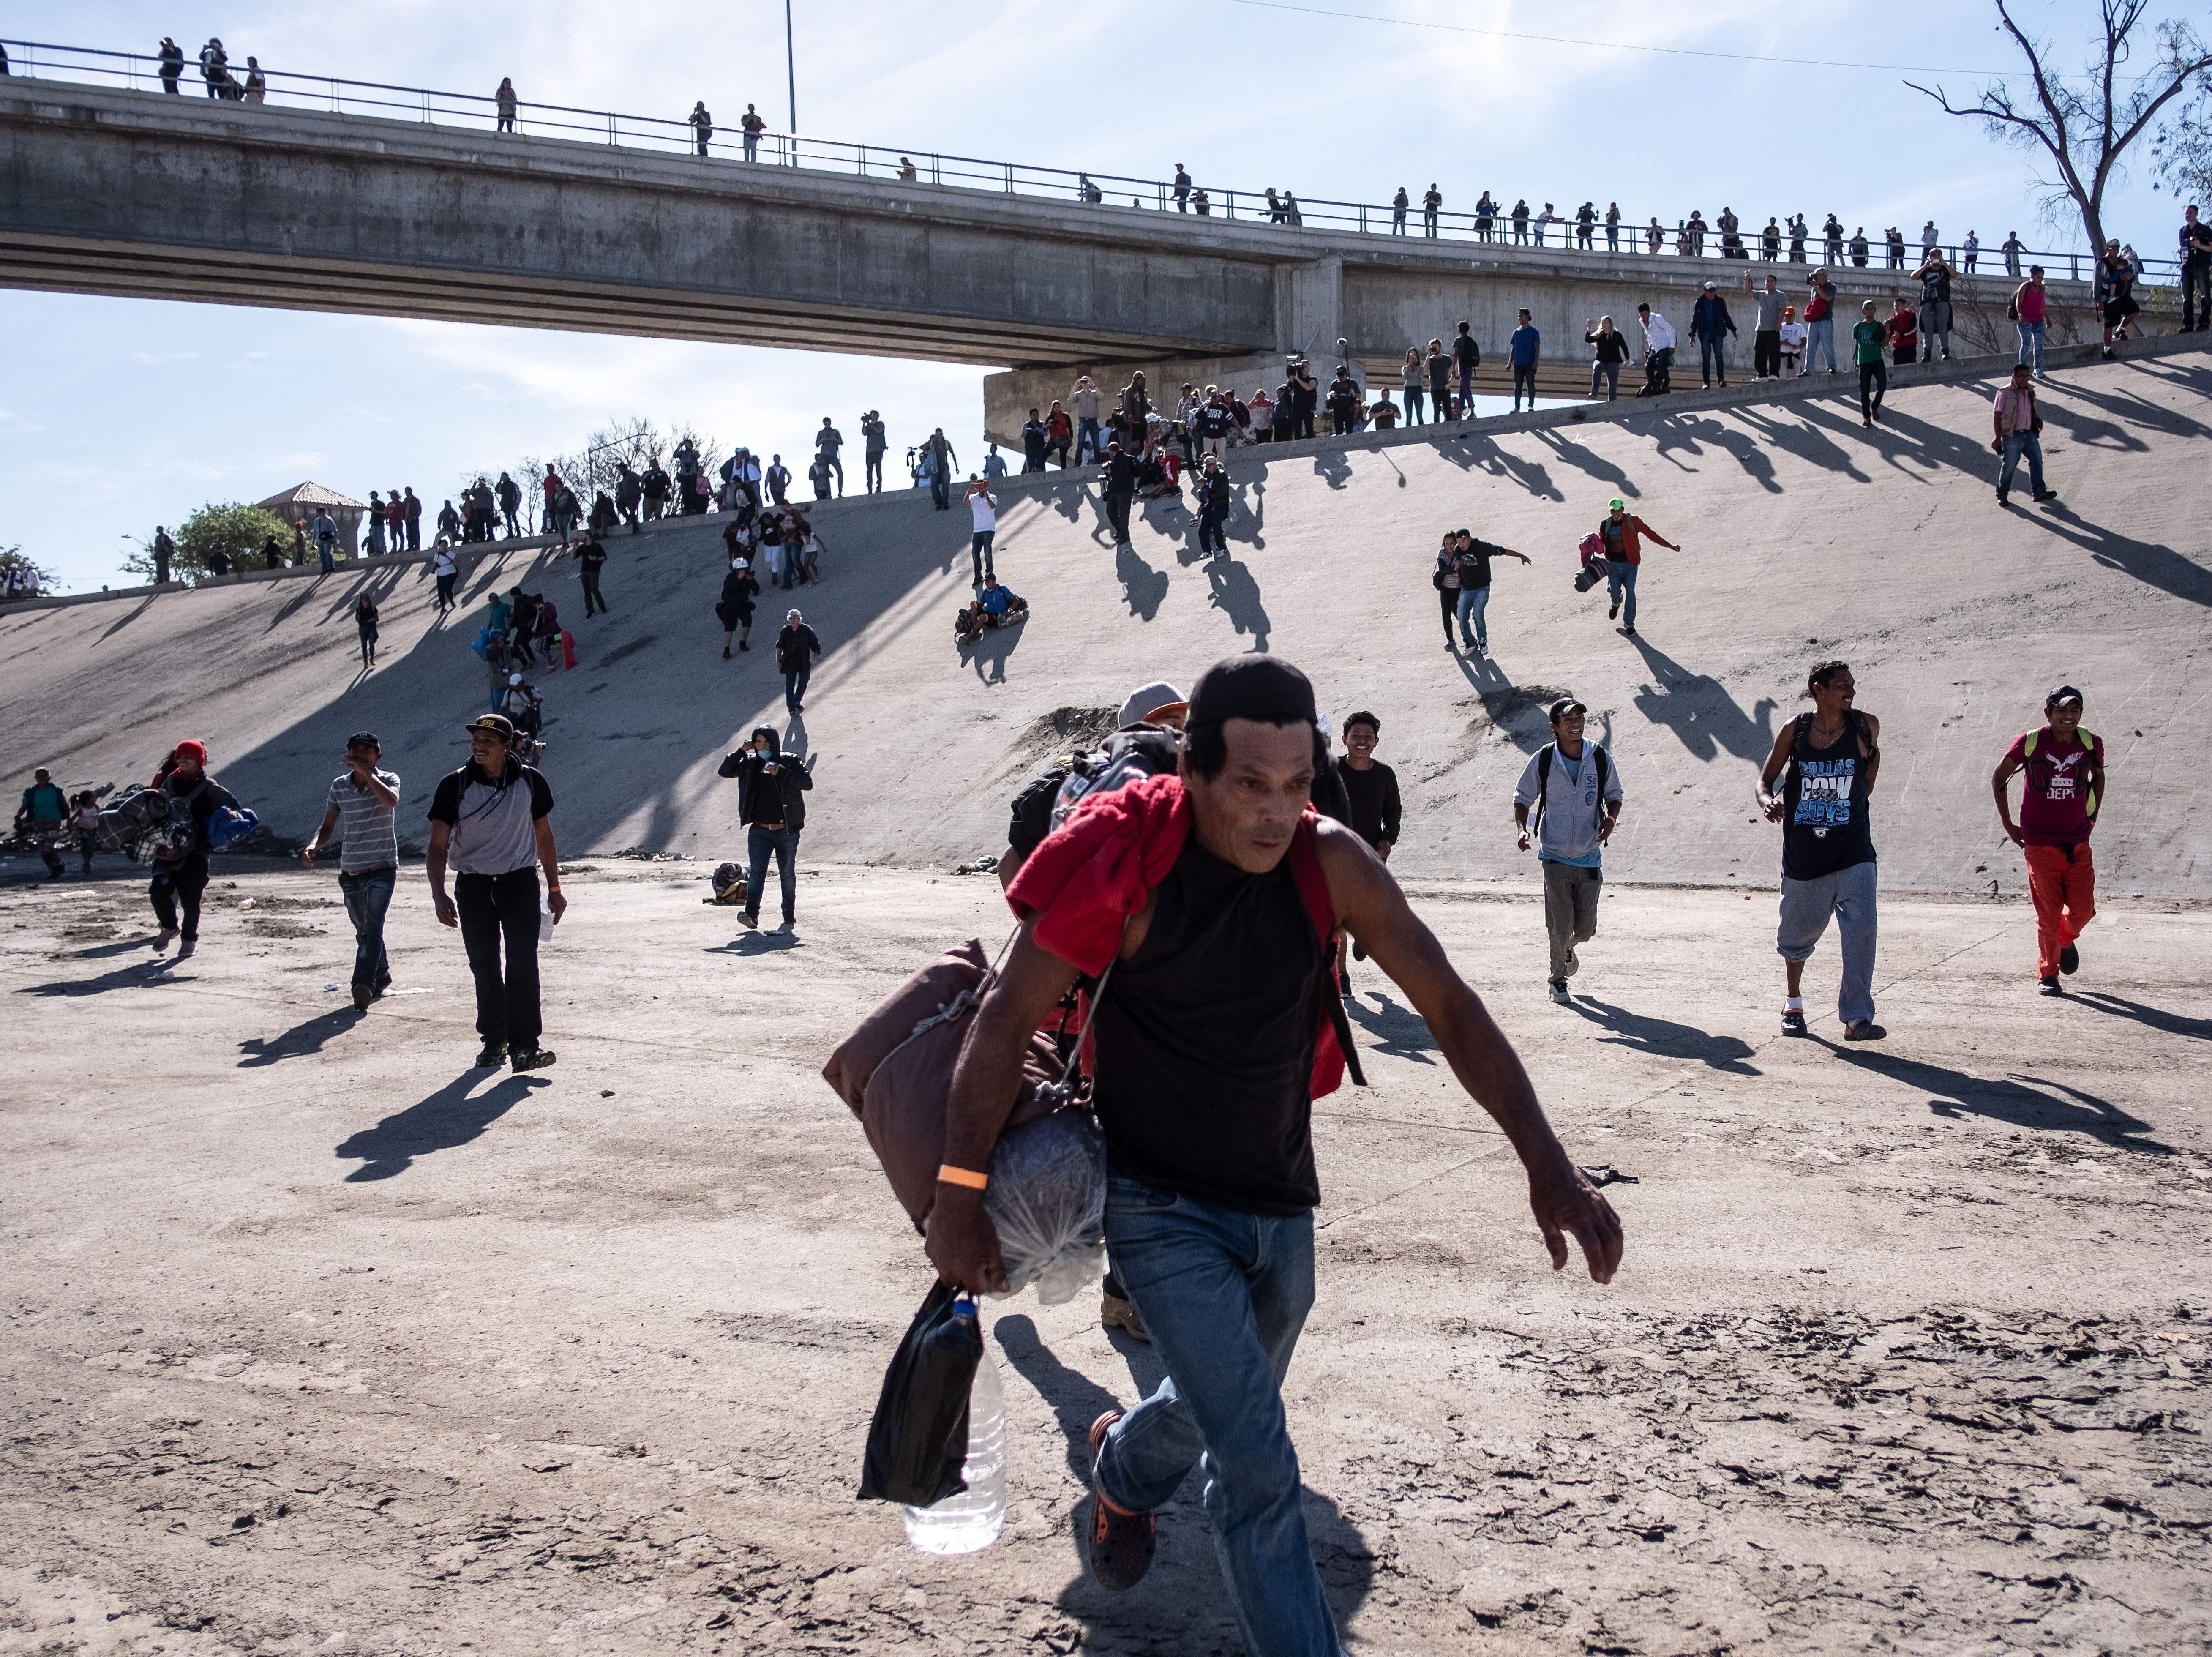 Un grupo de migrantes centroamericanos, principalmente de Honduras, corre a lo largo del lecho seco del río Tijuana en un intento por llegar al puerto de entrada de El Chaparral, en Tijuana, estado de Baja California, México, cerca de la frontera entre Estados Unidos y México el 25 de noviembre de 2018.